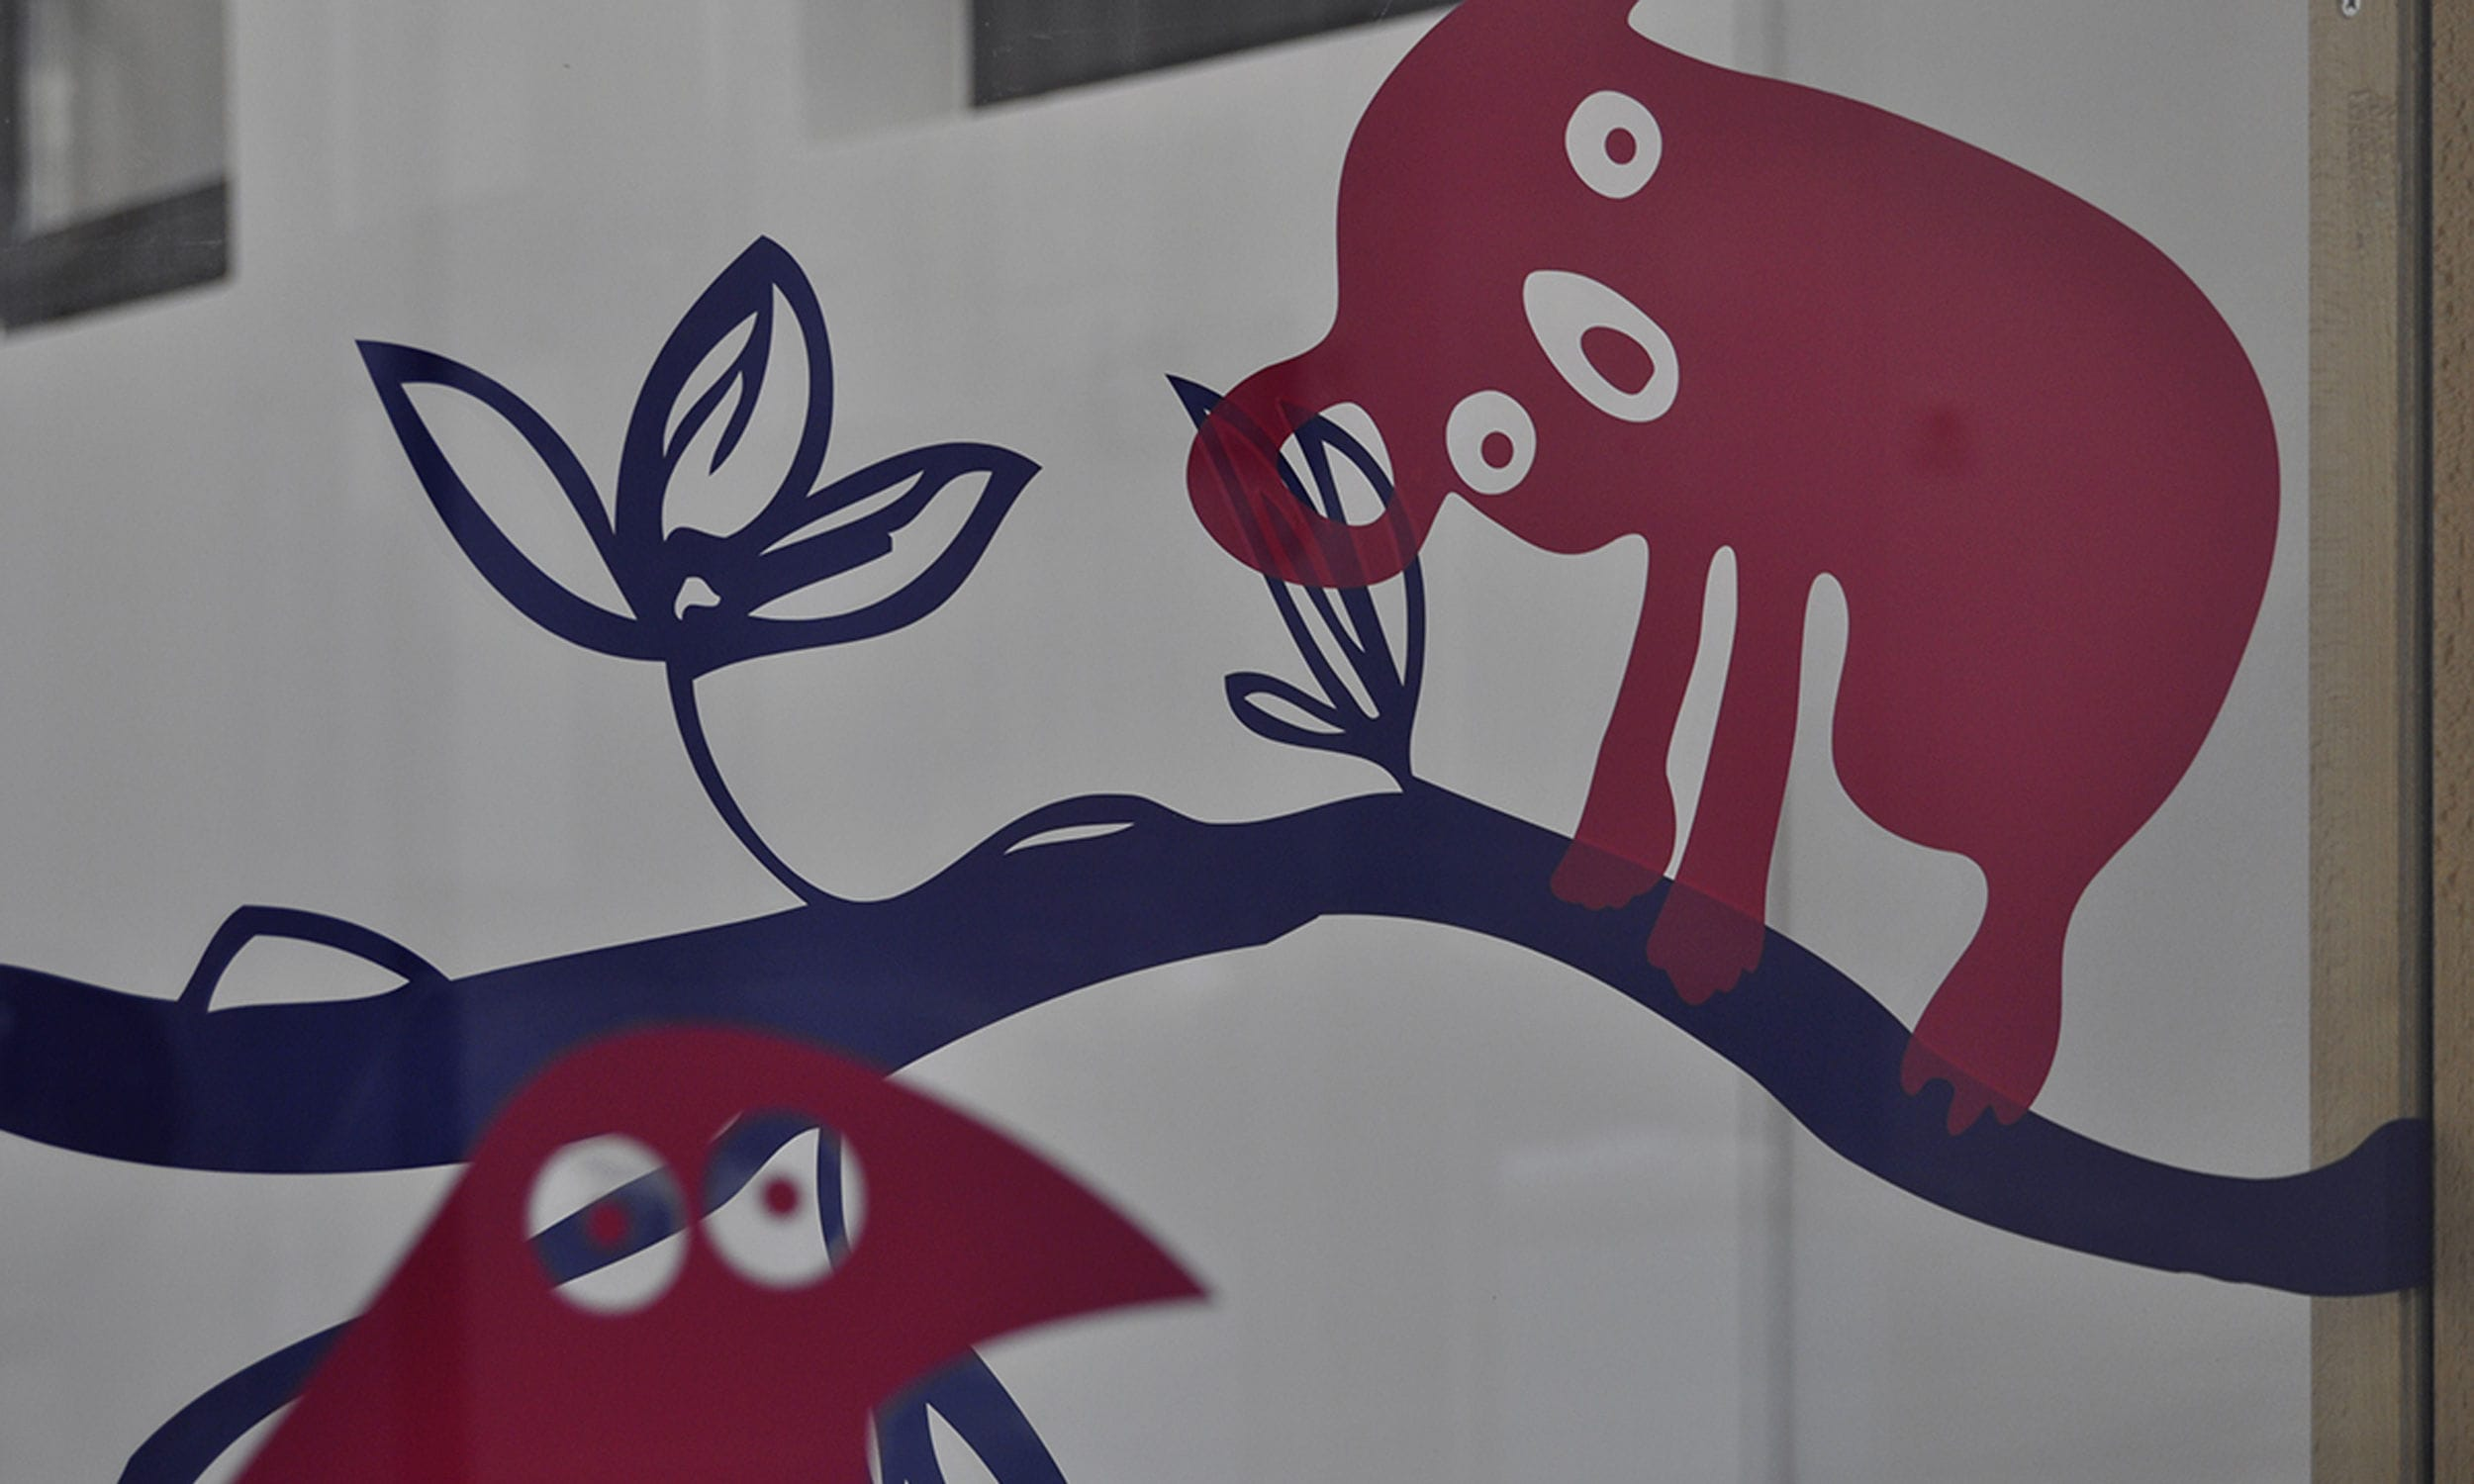 Dekorativer Aufkleber Für Glasscheiben Crèche Pelée Paris